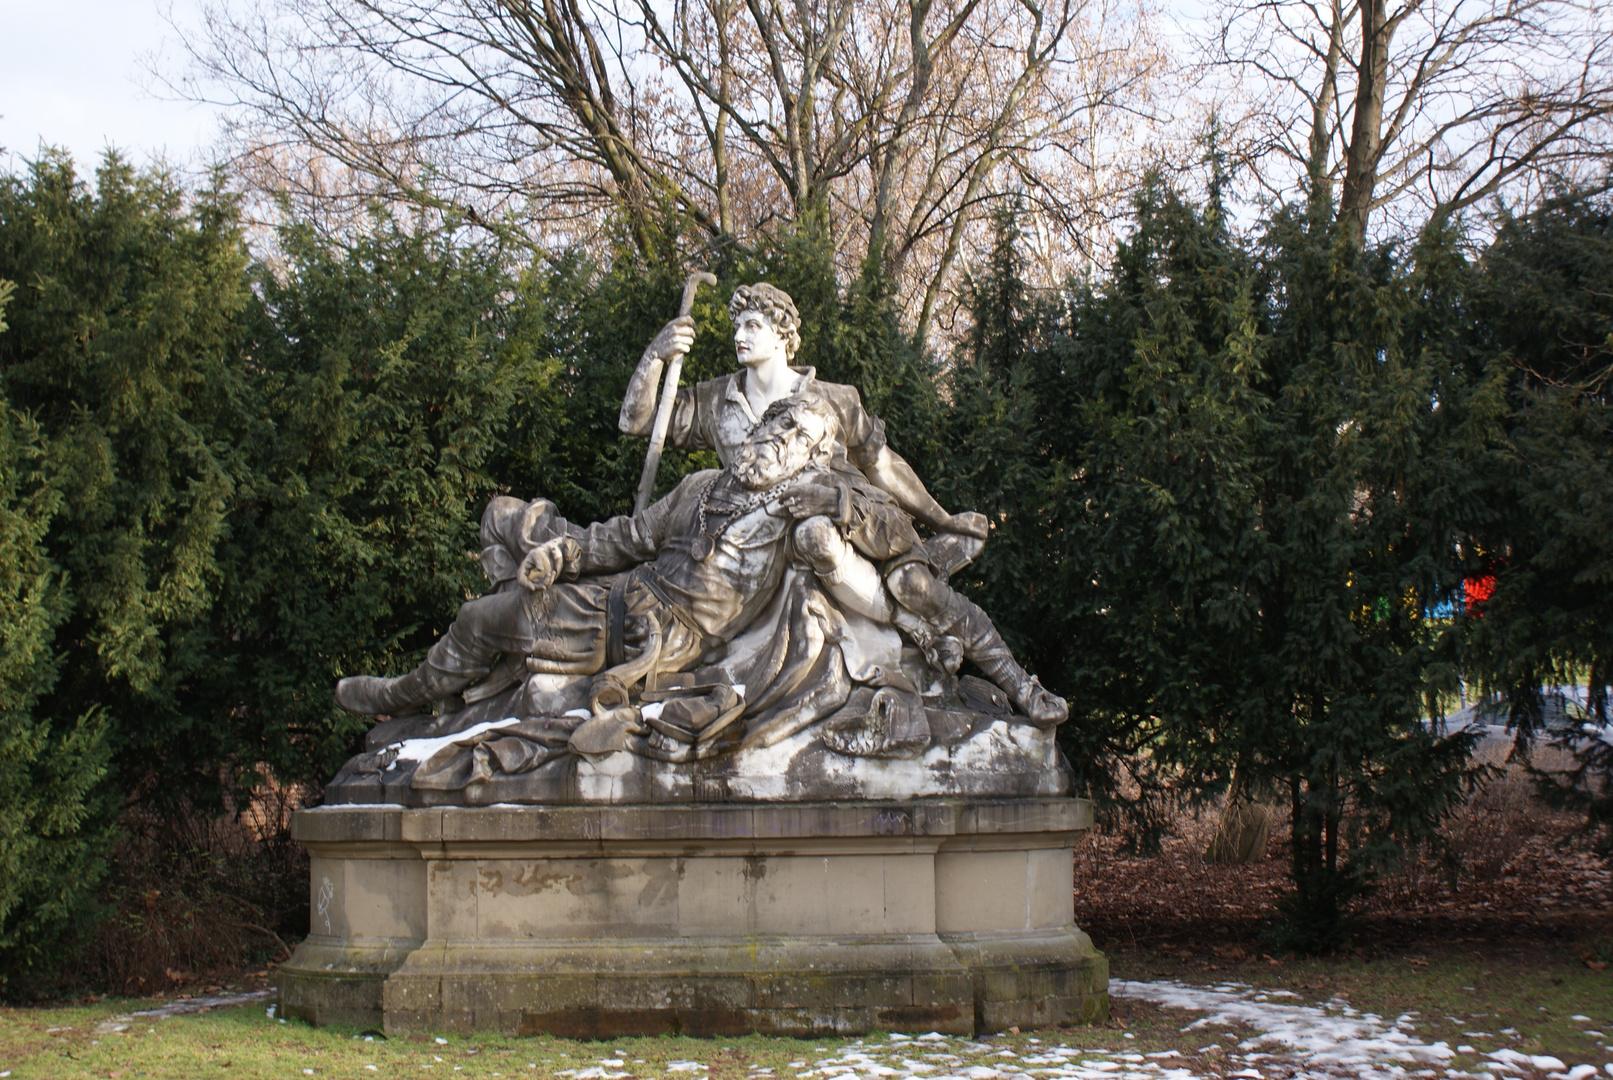 Statur in Stuttgarter Stadtpark